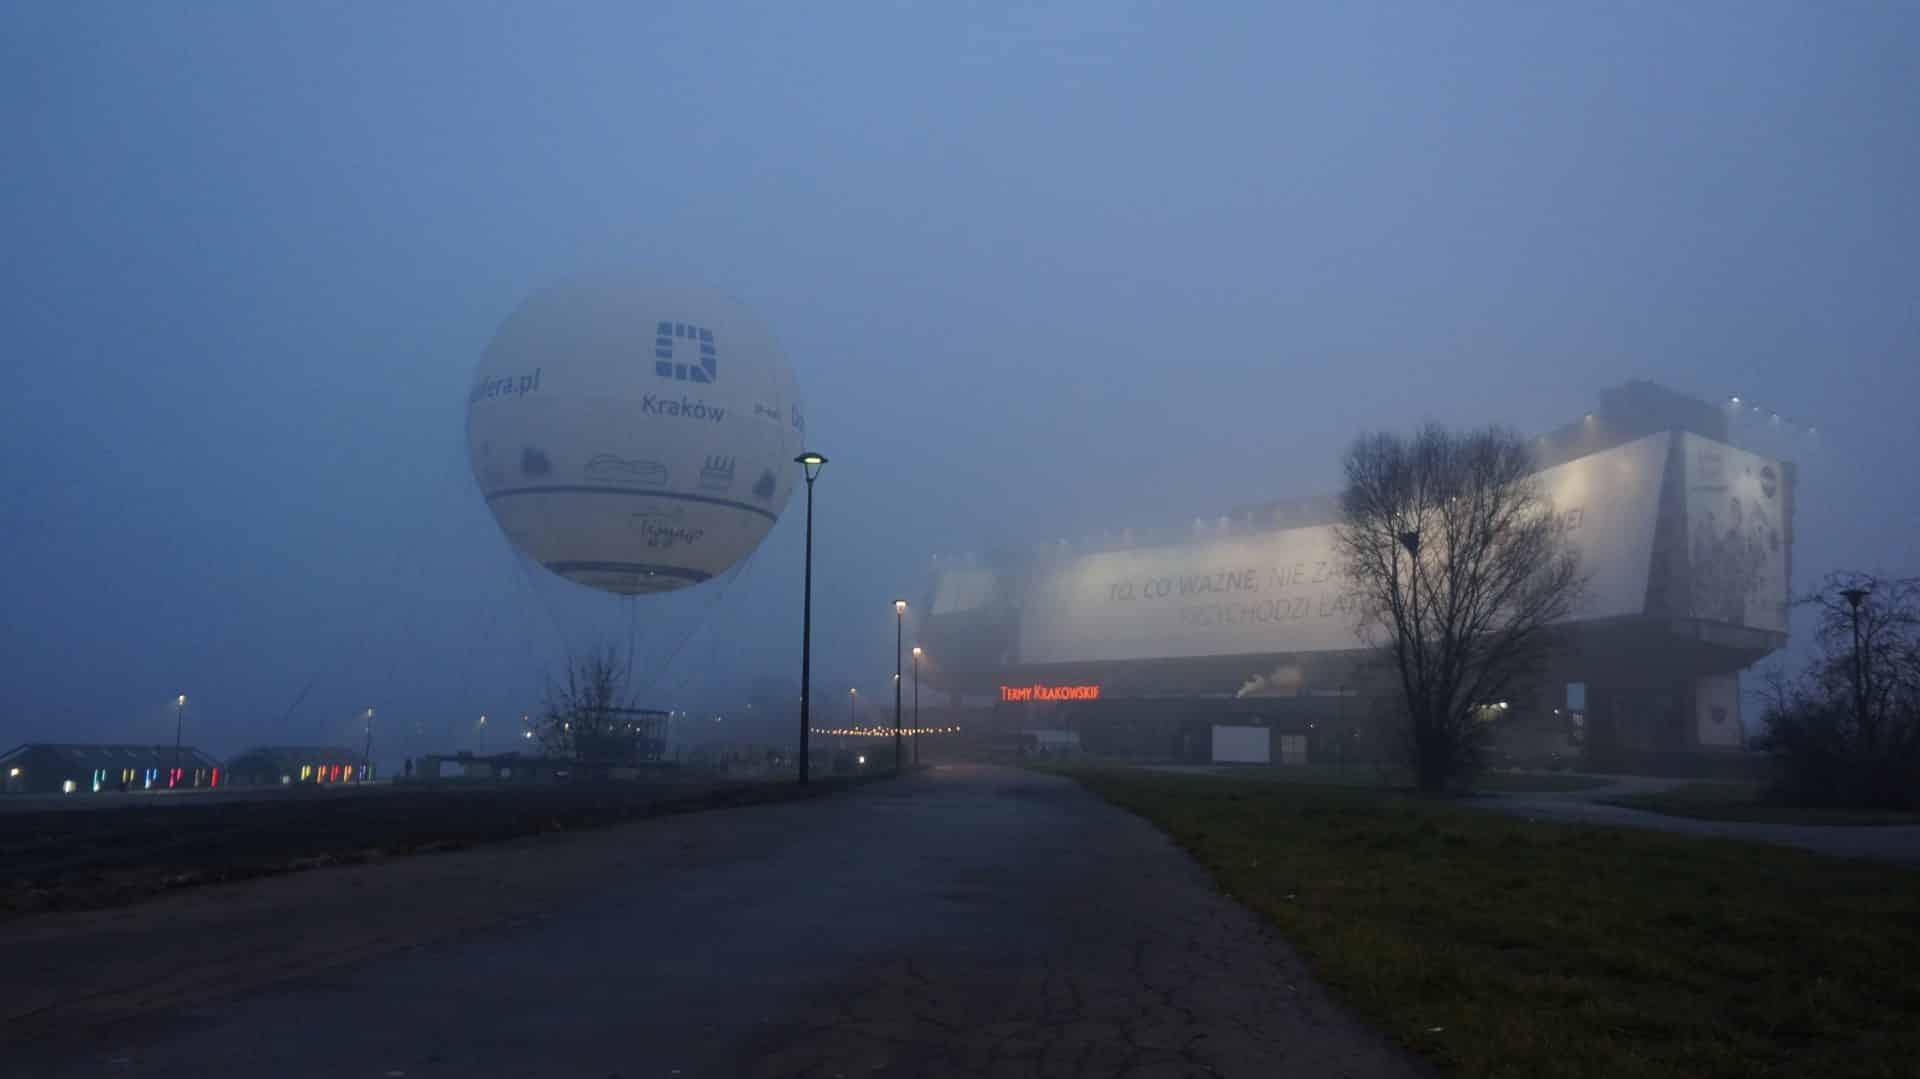 Balon widokowy. Kraków.